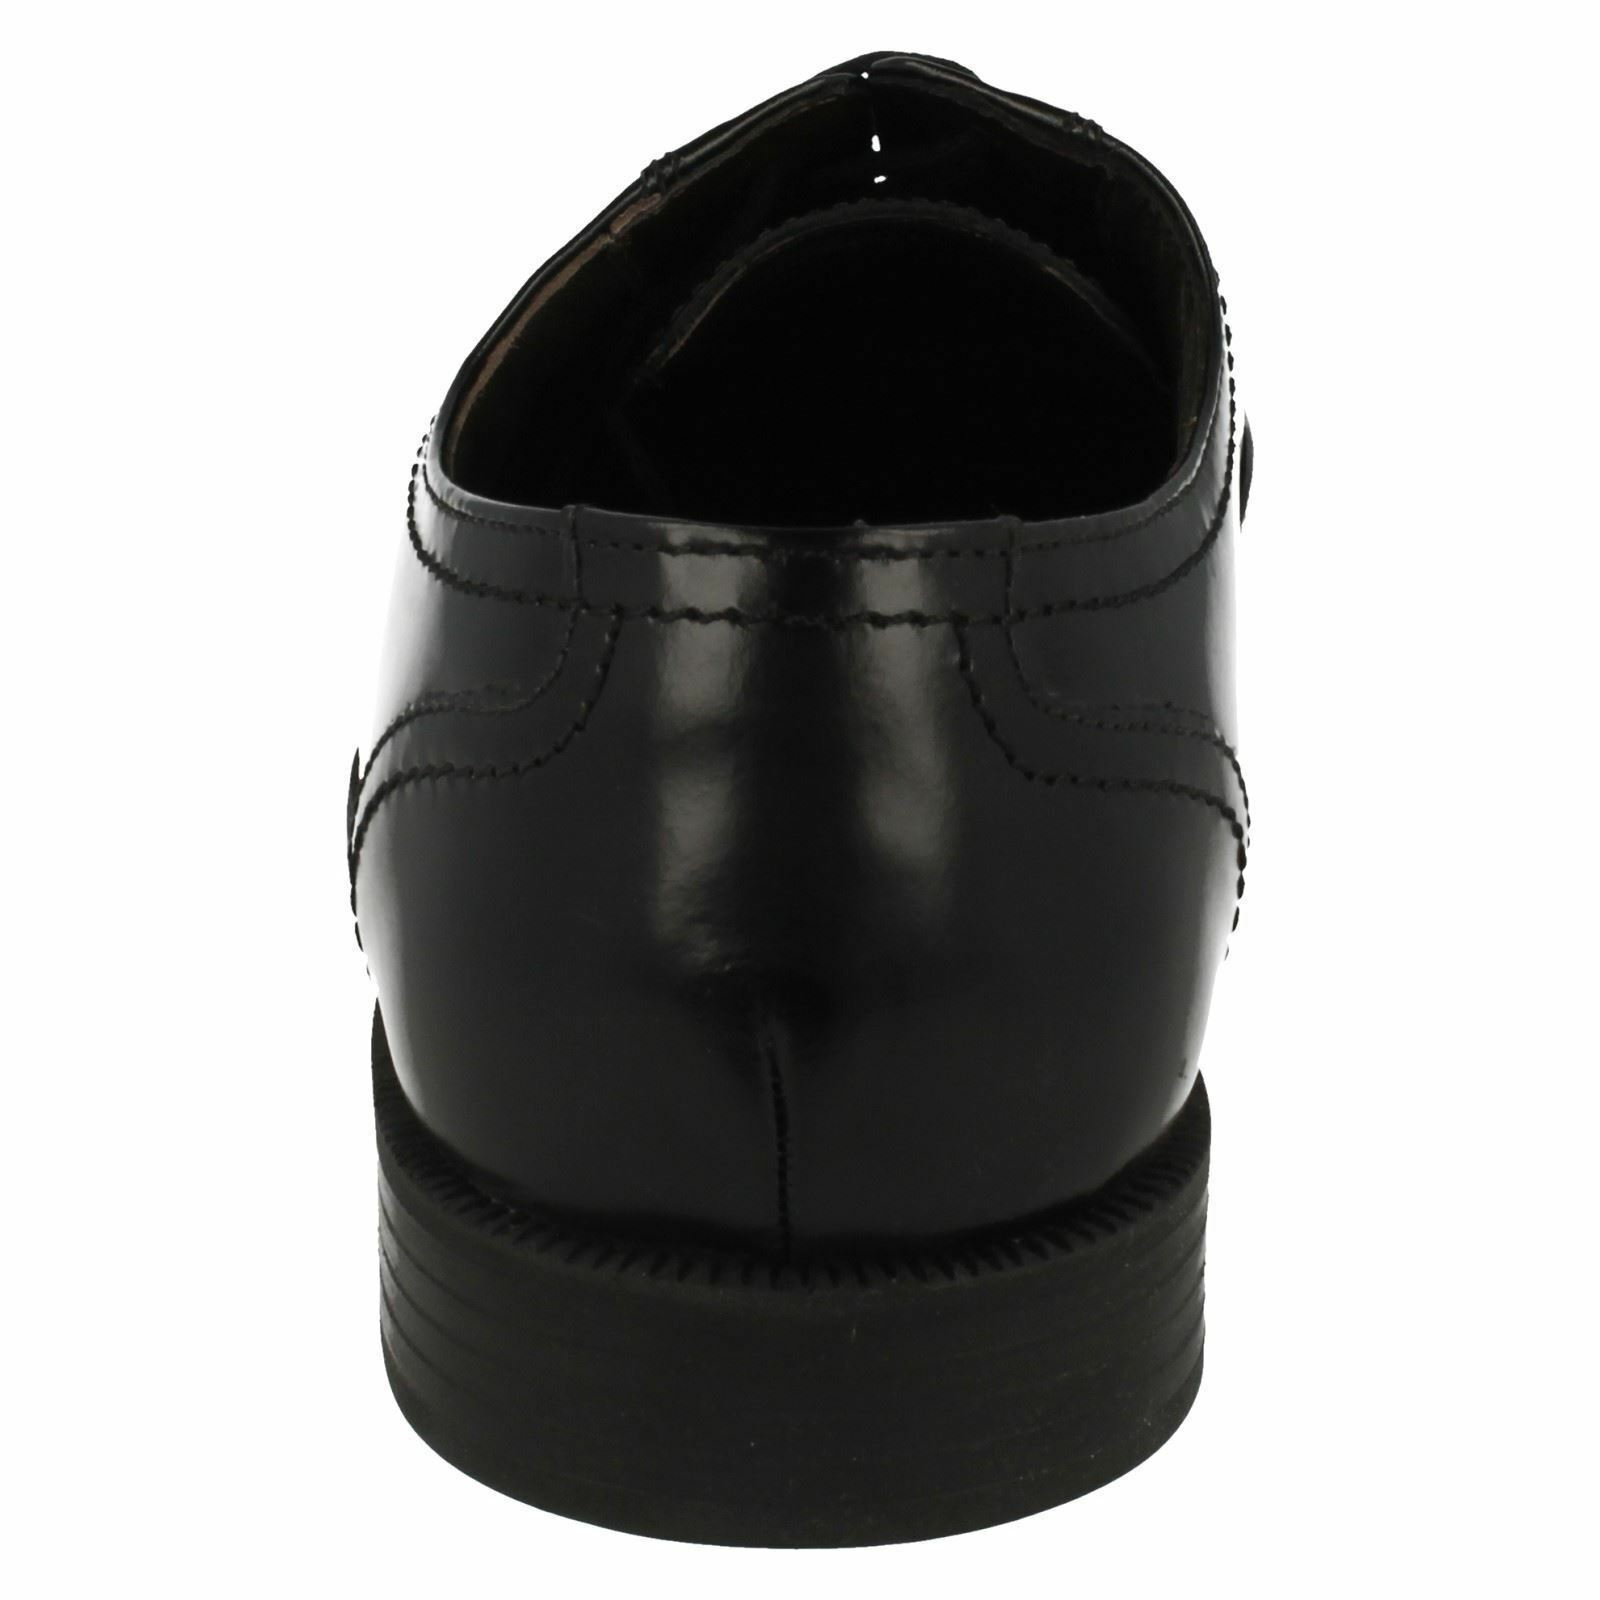 Scarpe casual da da uomo  nero da casual uomo scarpe Clarks stile Harvey SOLLEVAuomoTO c123f7